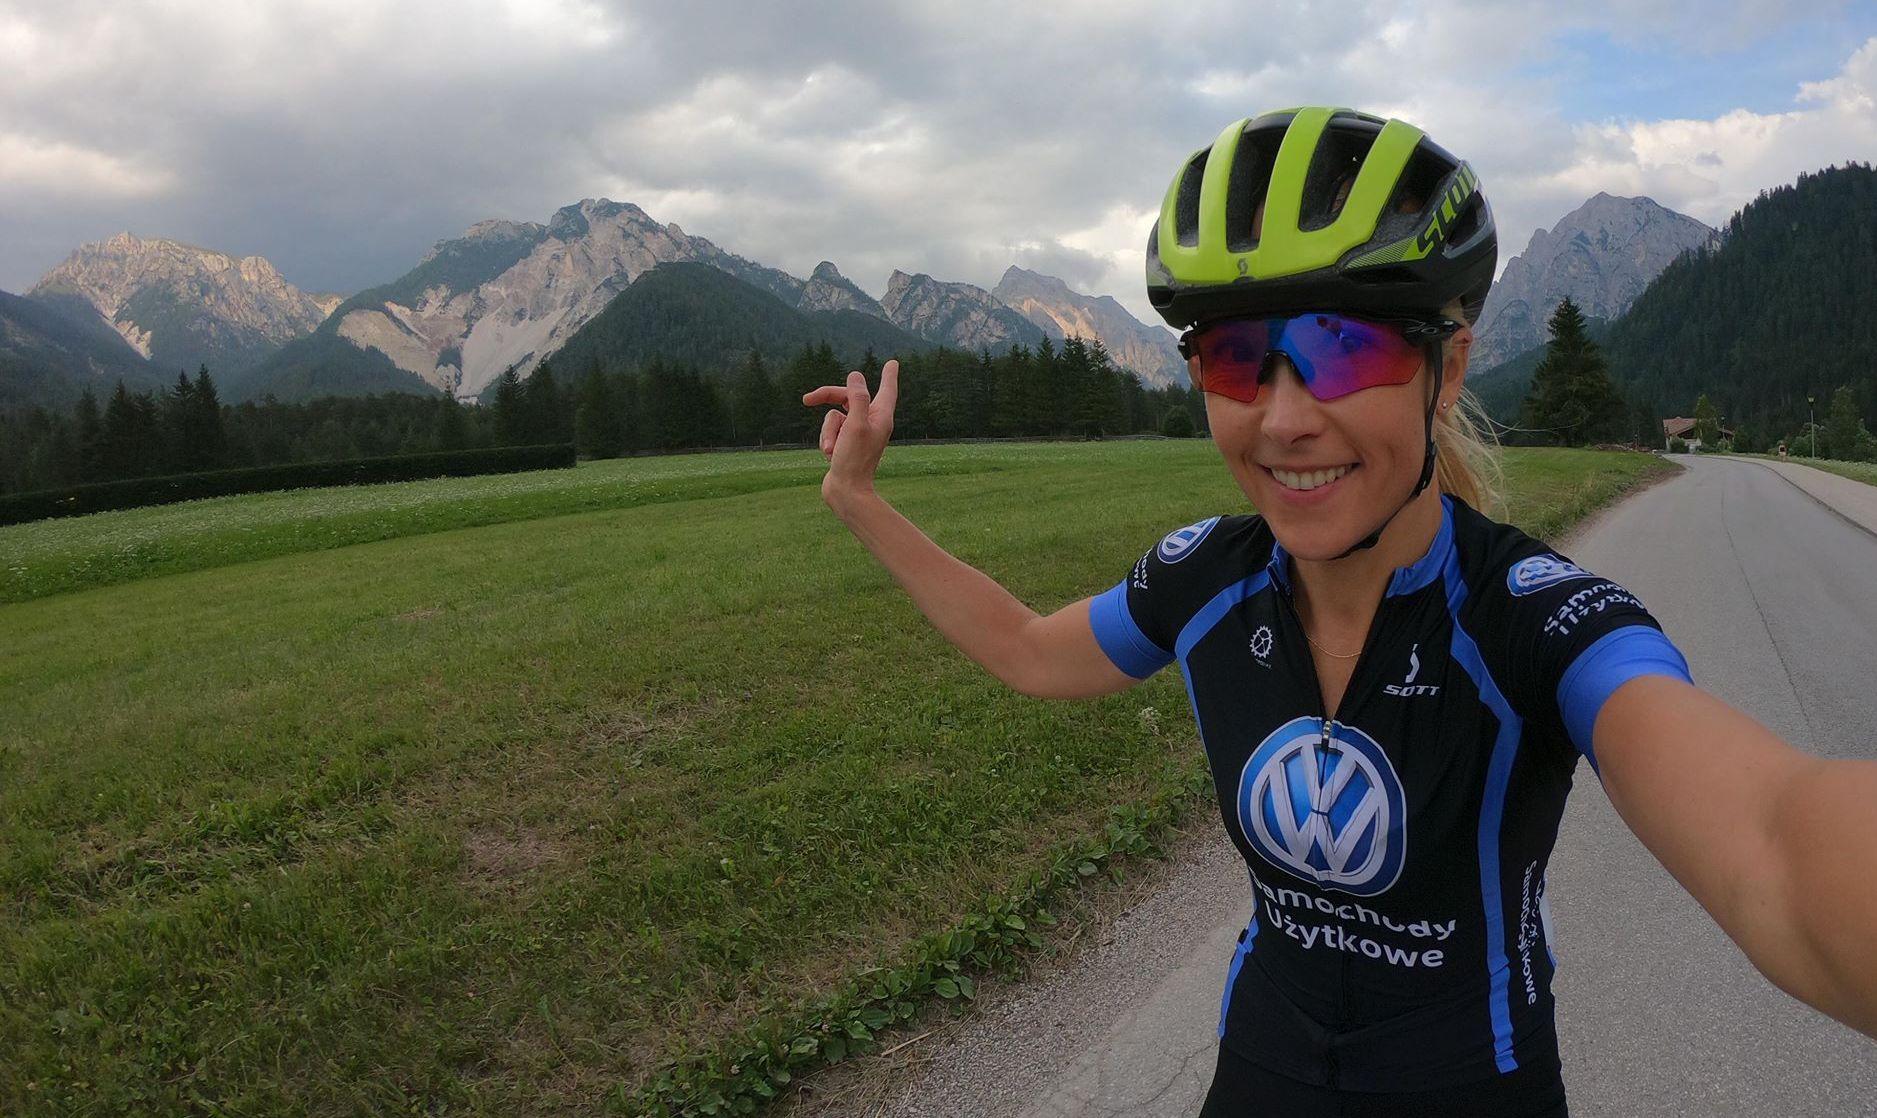 Anna Urban podsumowuje sezon: Nie samym ściganiem żyje zawodnik